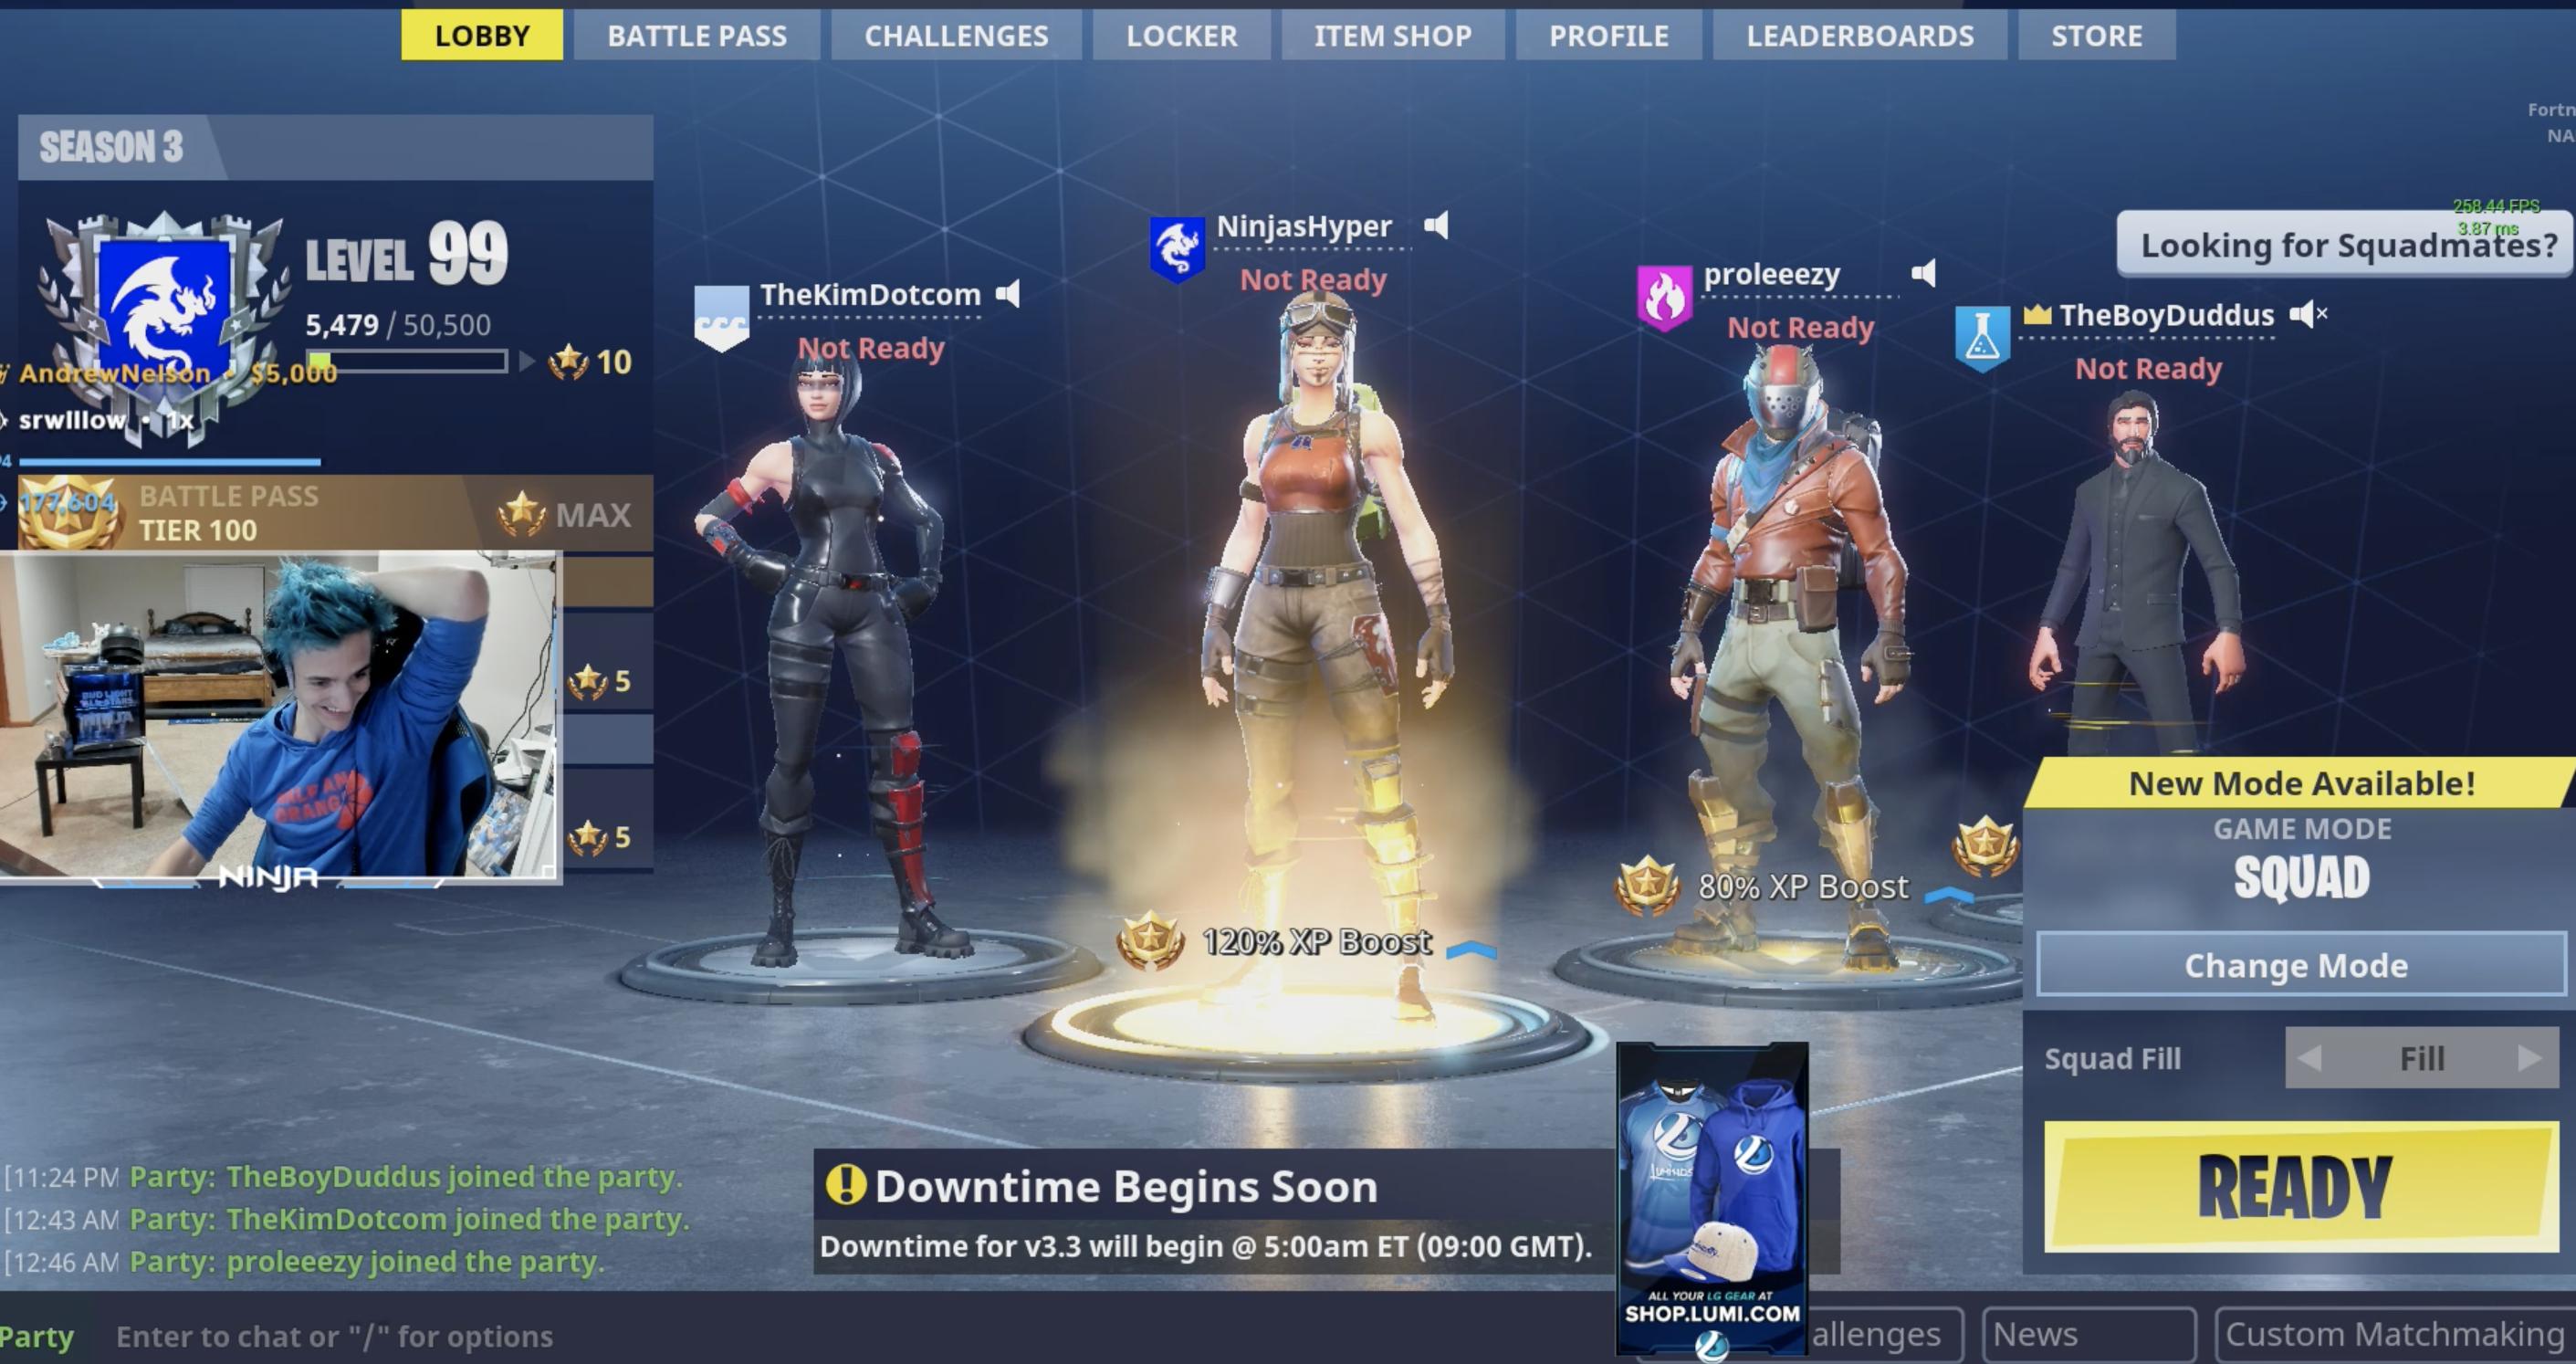 Schermata di lobby di Fortnite durante una partita dello streamer Ninja.